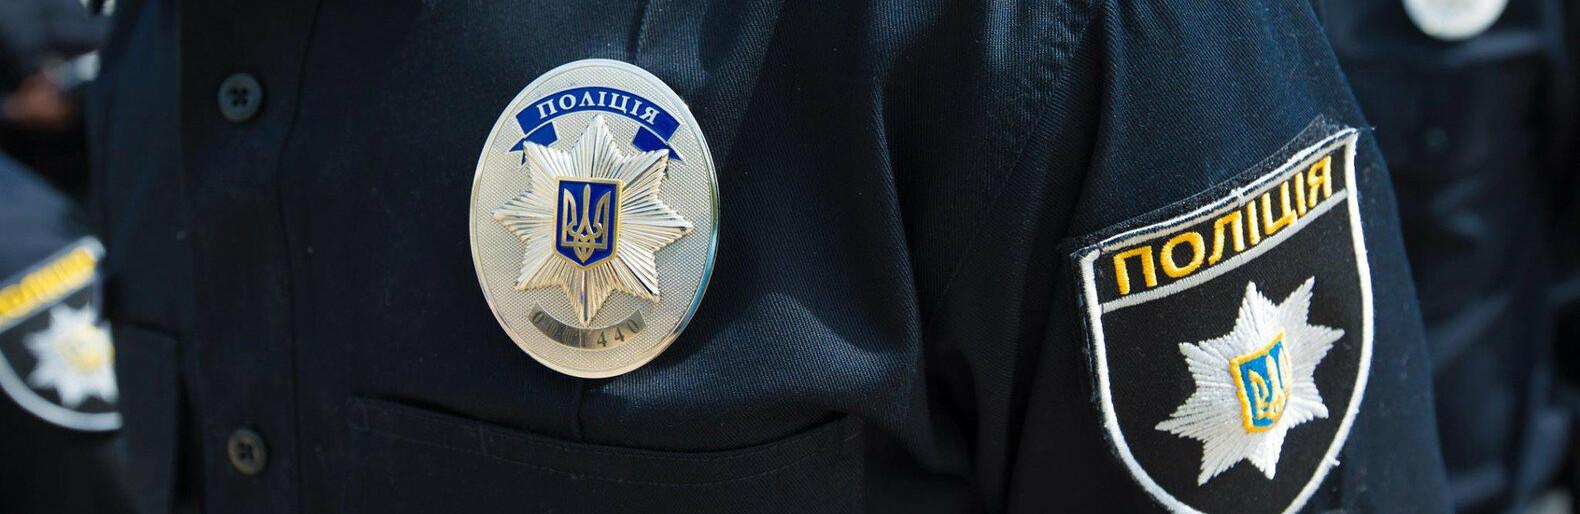 В Одессе среди белого дня мужчина пытался покончить жизнь самоубийс...0